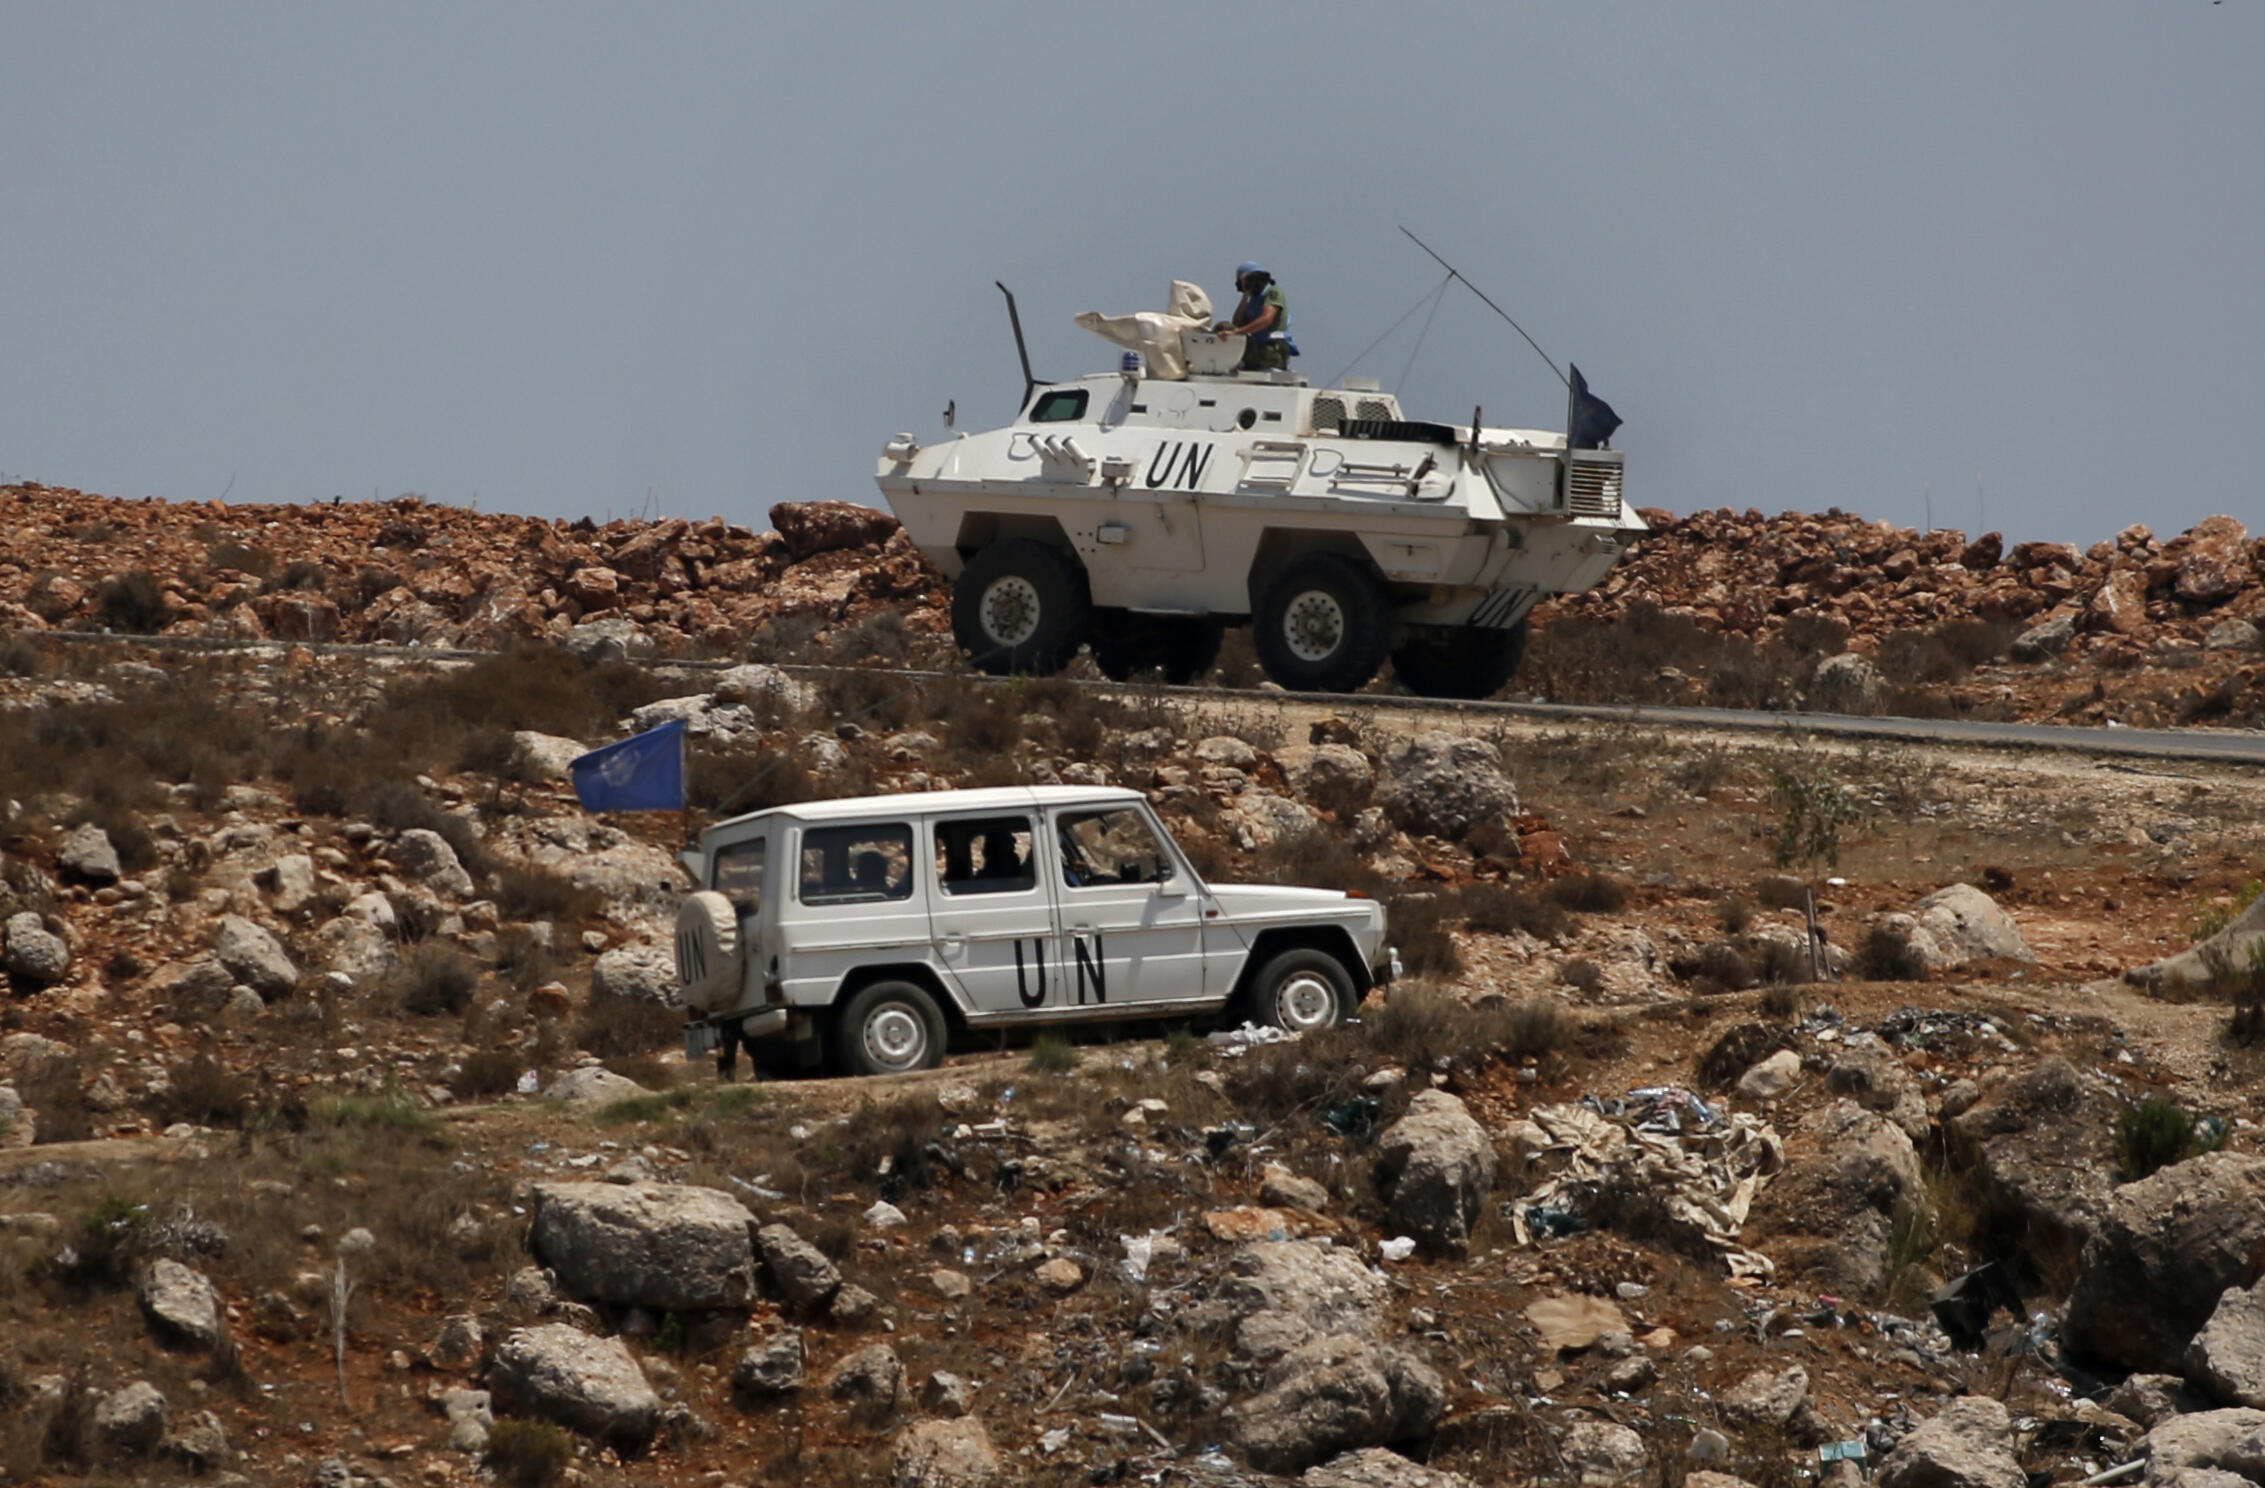 Dos vehículos de la Fuerza Interina de Naciones Unidas en Líbano (UNIFIL) circulan por las proximidades del pueblo libanés de Kfar Kila mientras patrullan la frontera israelí, una imagen tomada el 5 de agosto de 2021 desde Metula, al norte de Israel